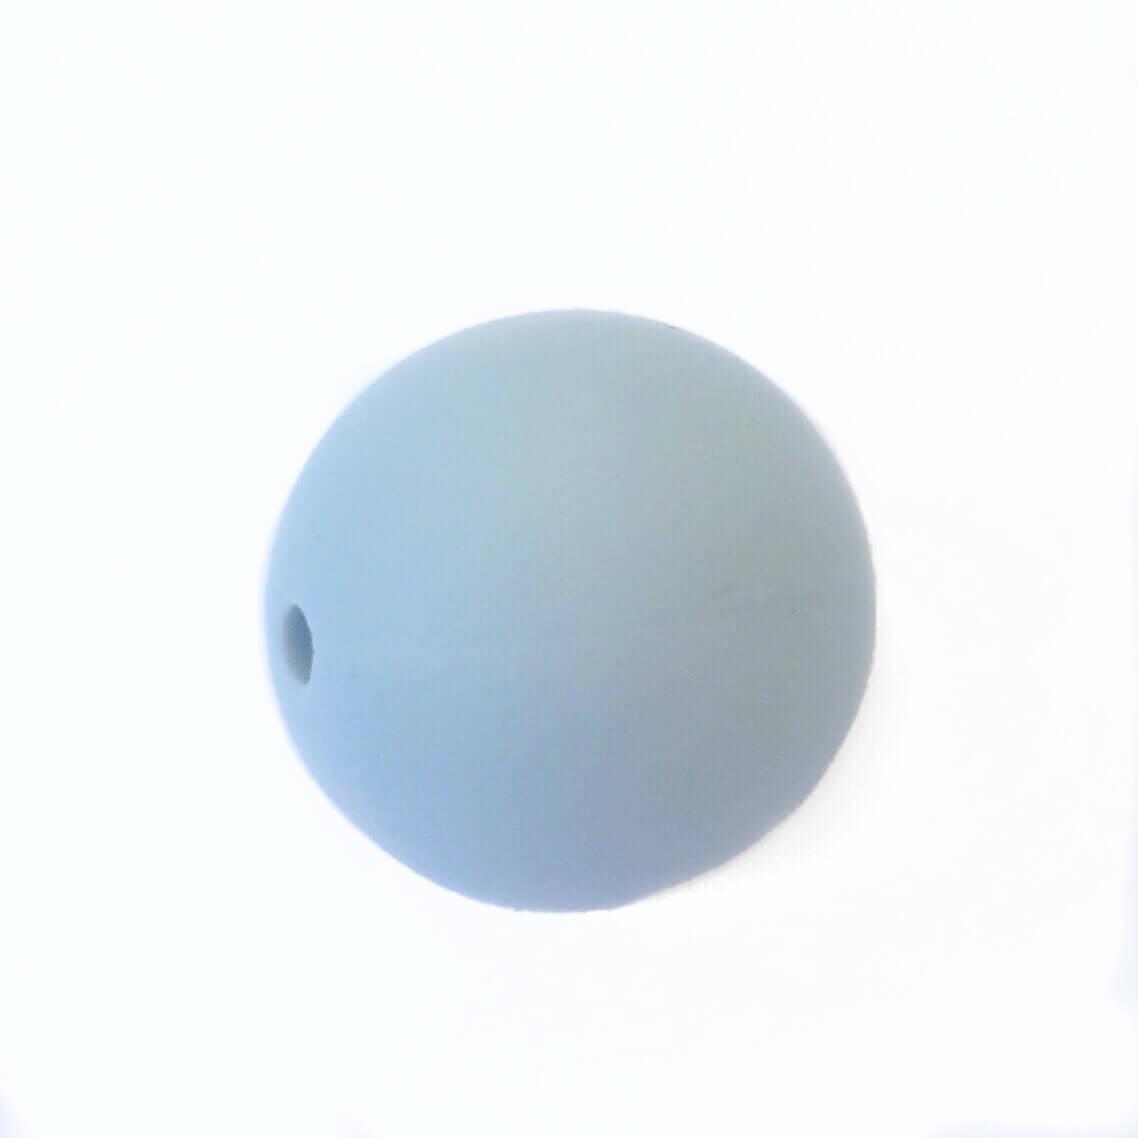 19 мм (светло-серая) круглая